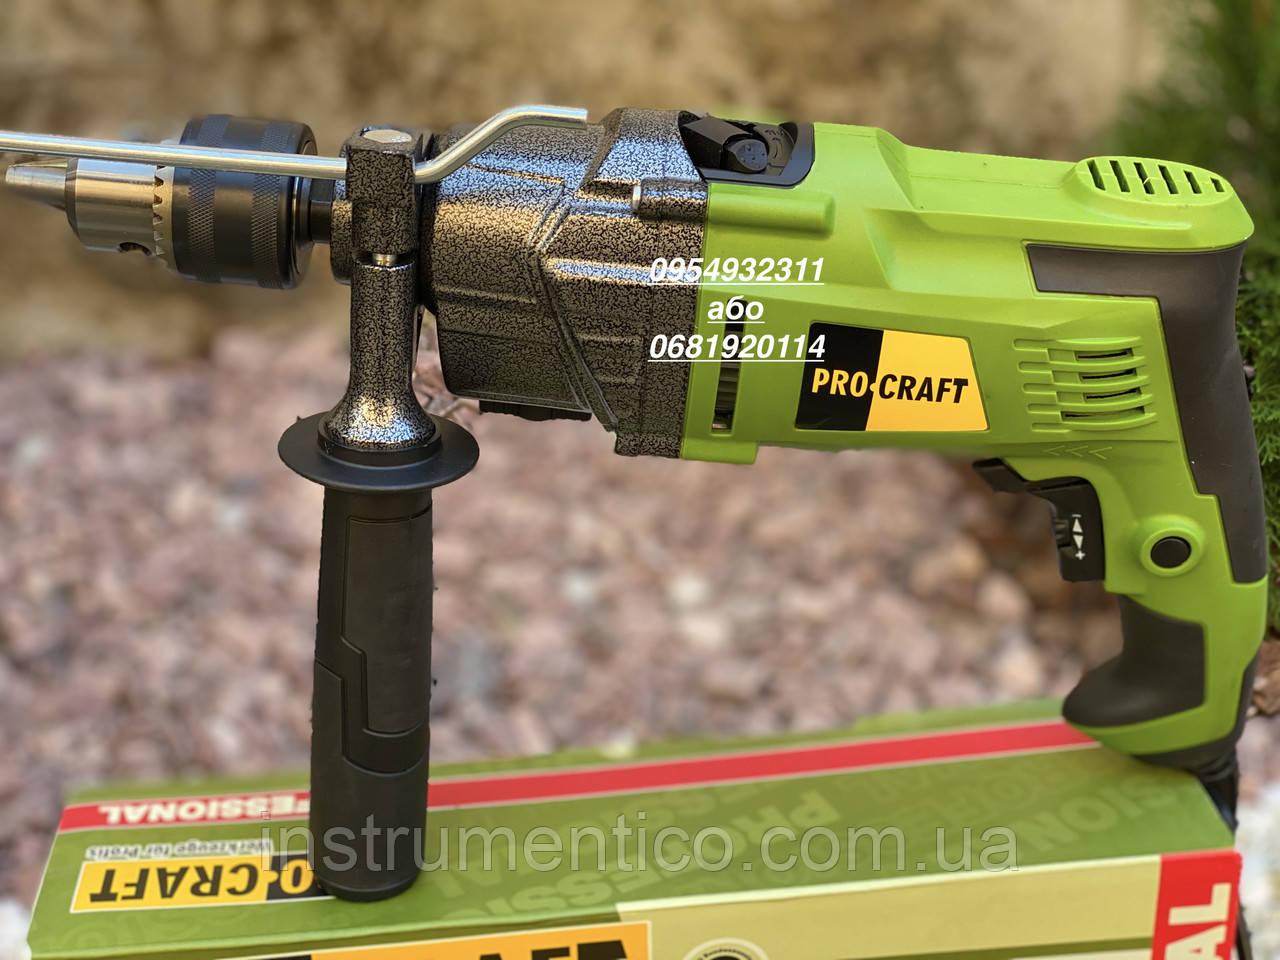 Ударная электрическая дрель Procraft PS1700/2